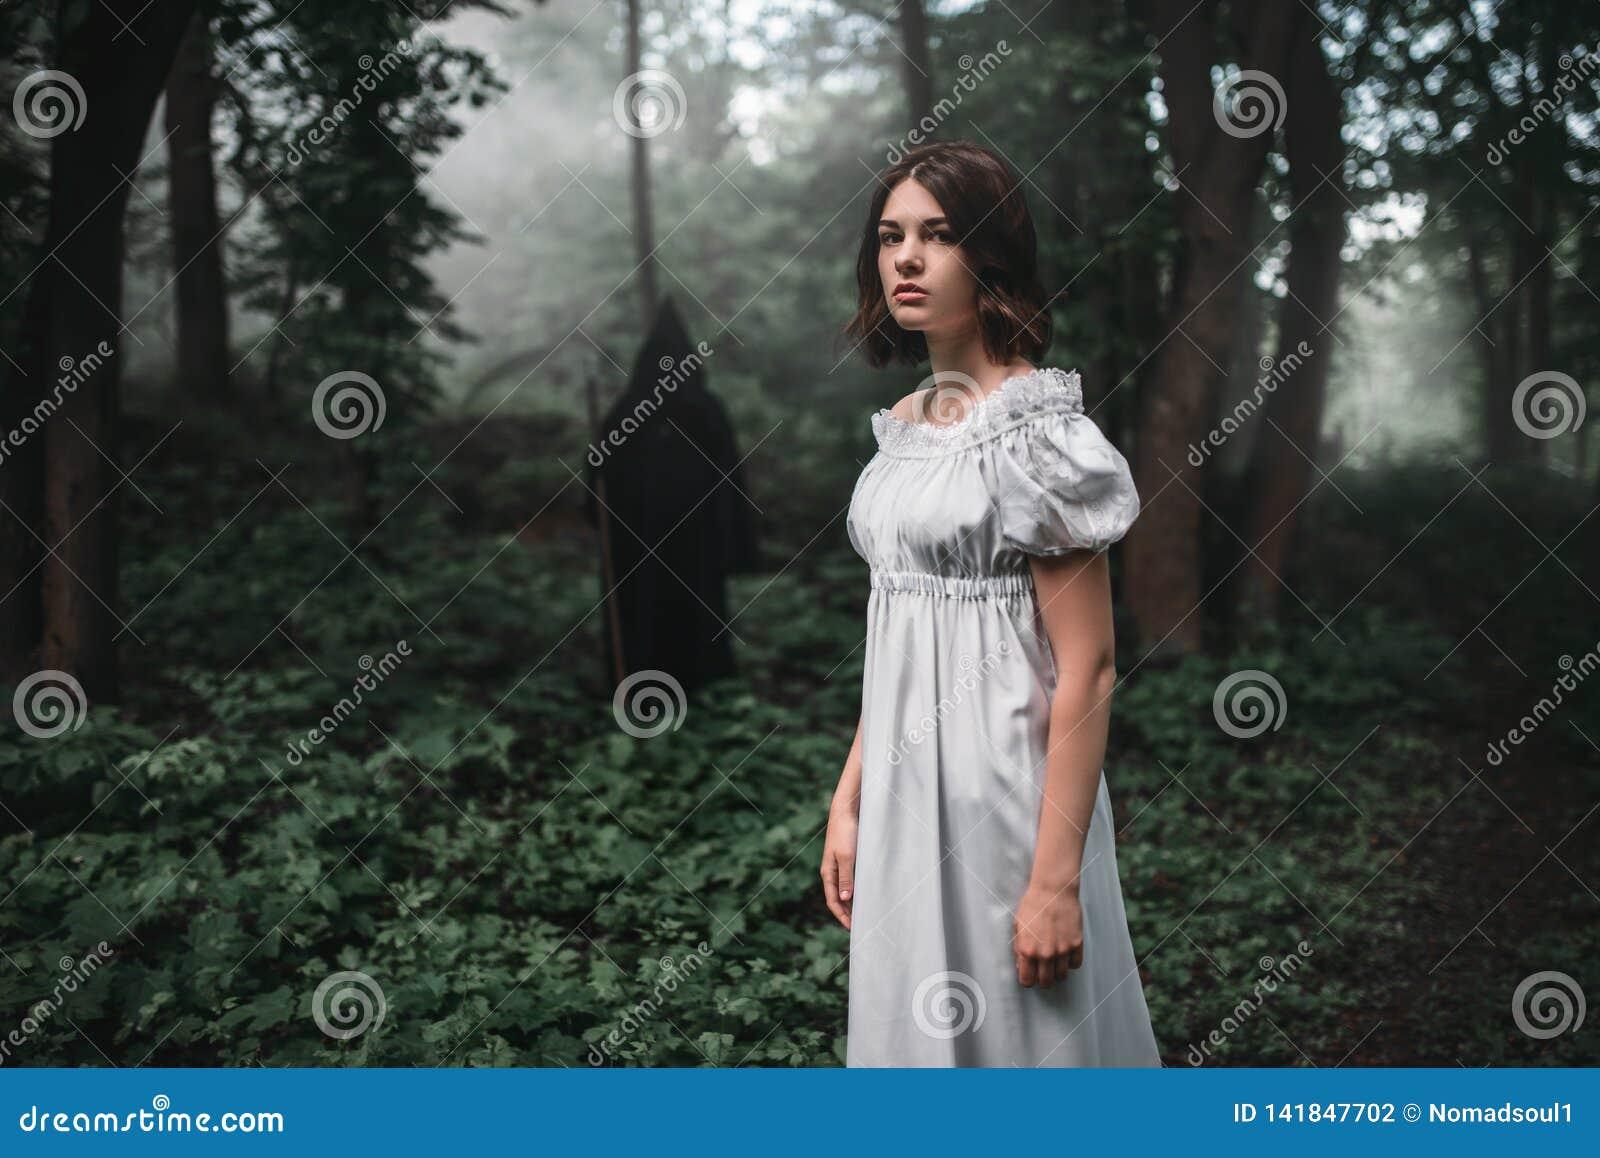 Víctima femenina y muerte en sudadera con capucha negra en bosque